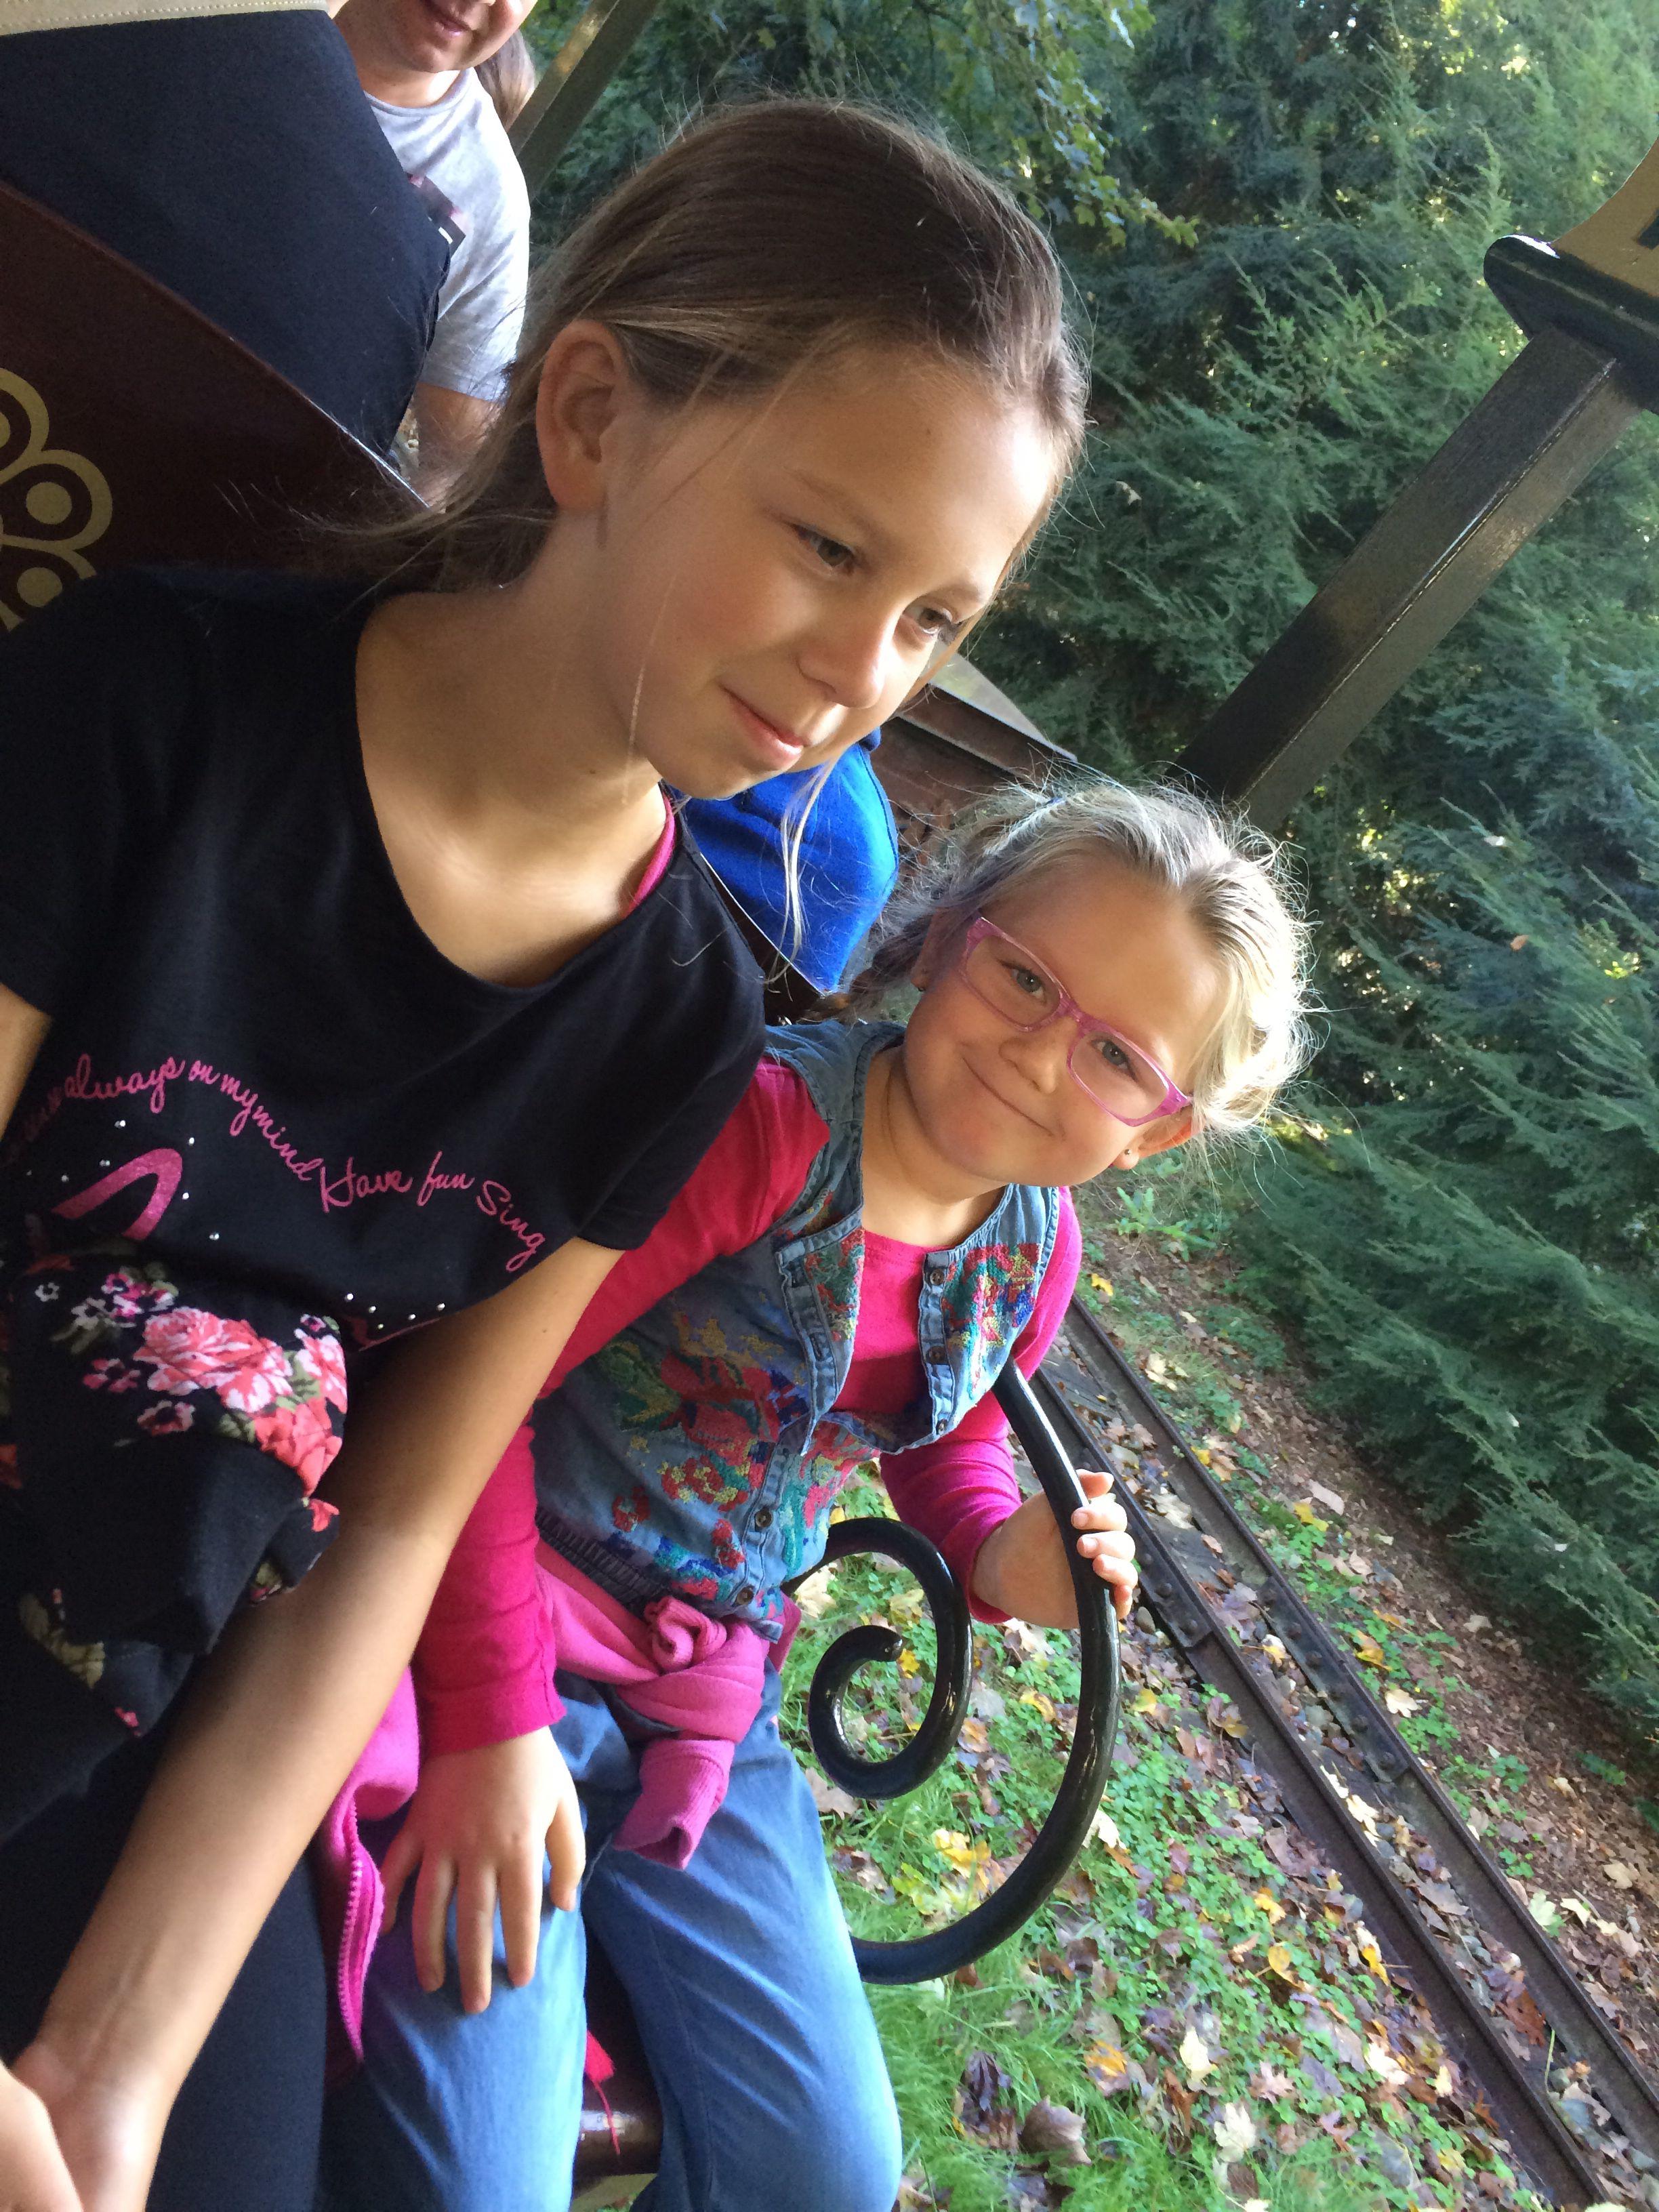 In de trein van de Efteling